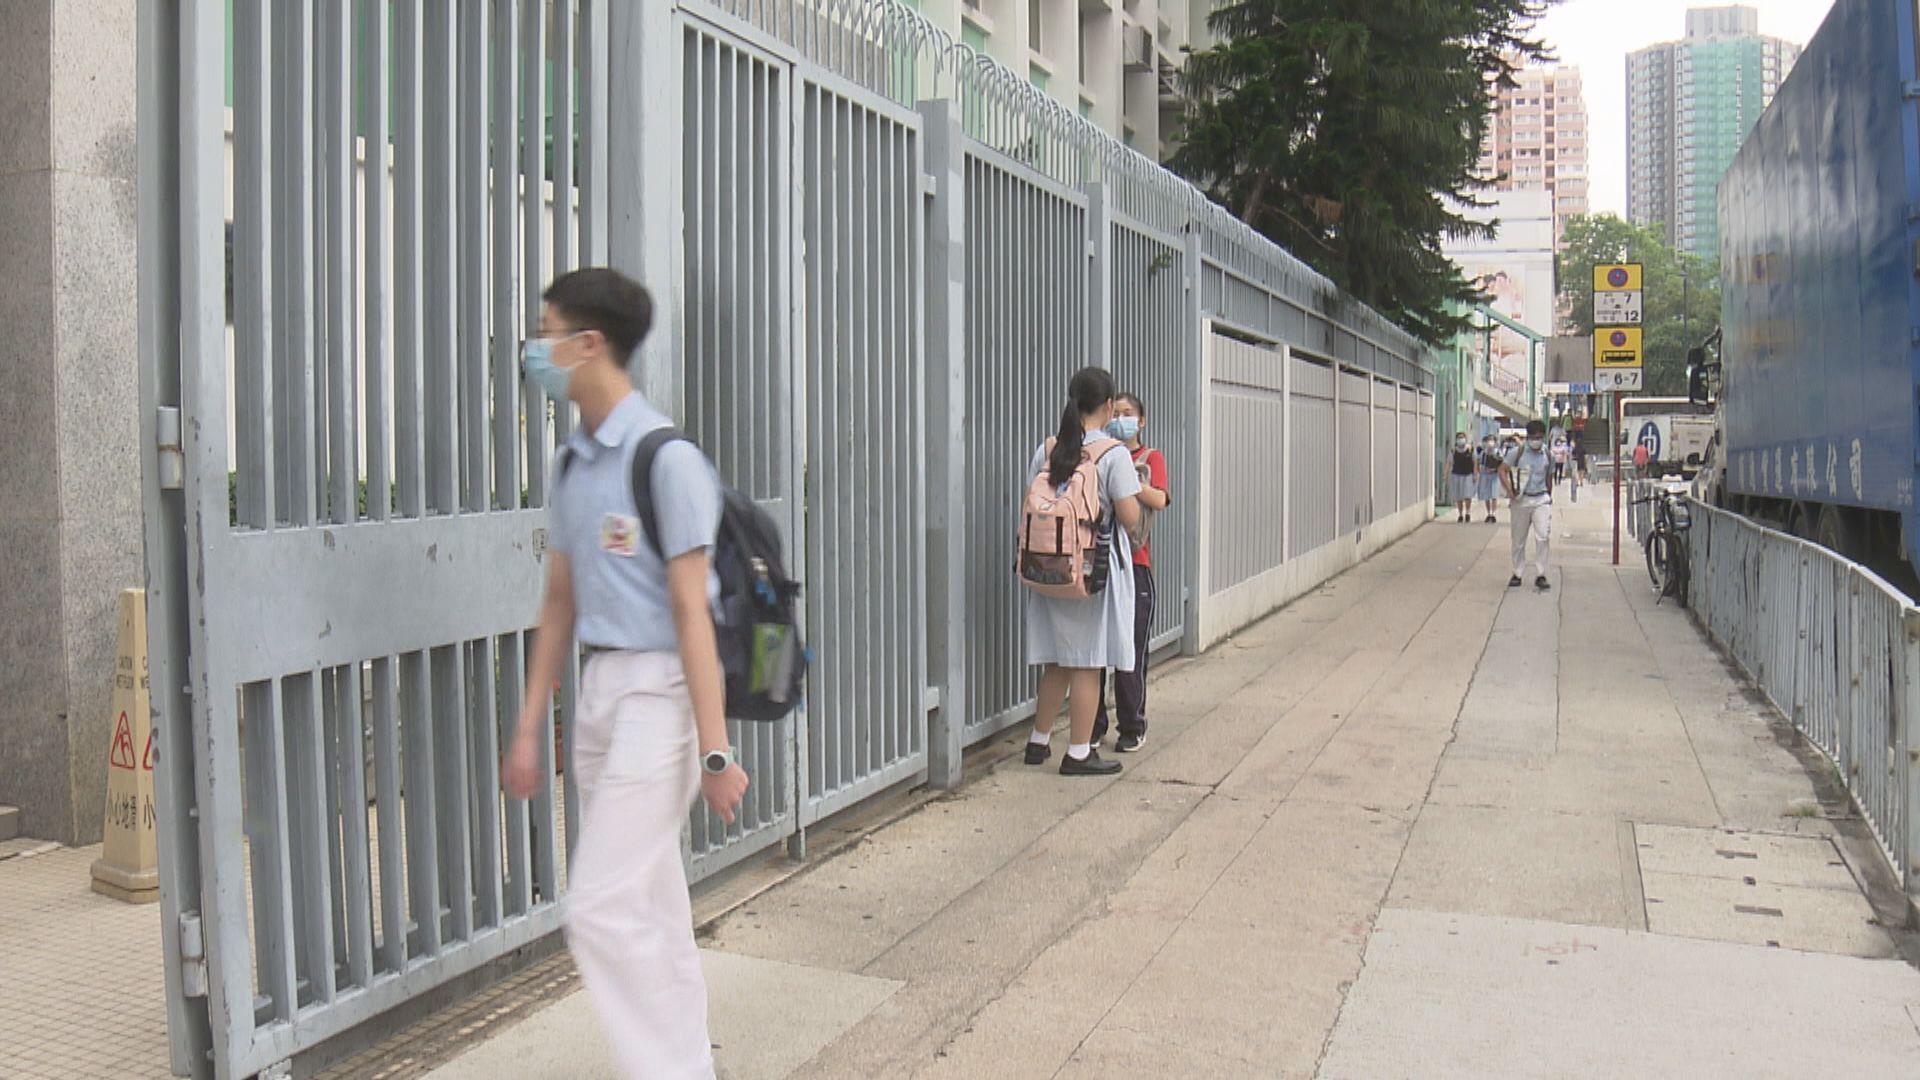 學校明首階段復課 運輸署籲學生預留充裕出行時間